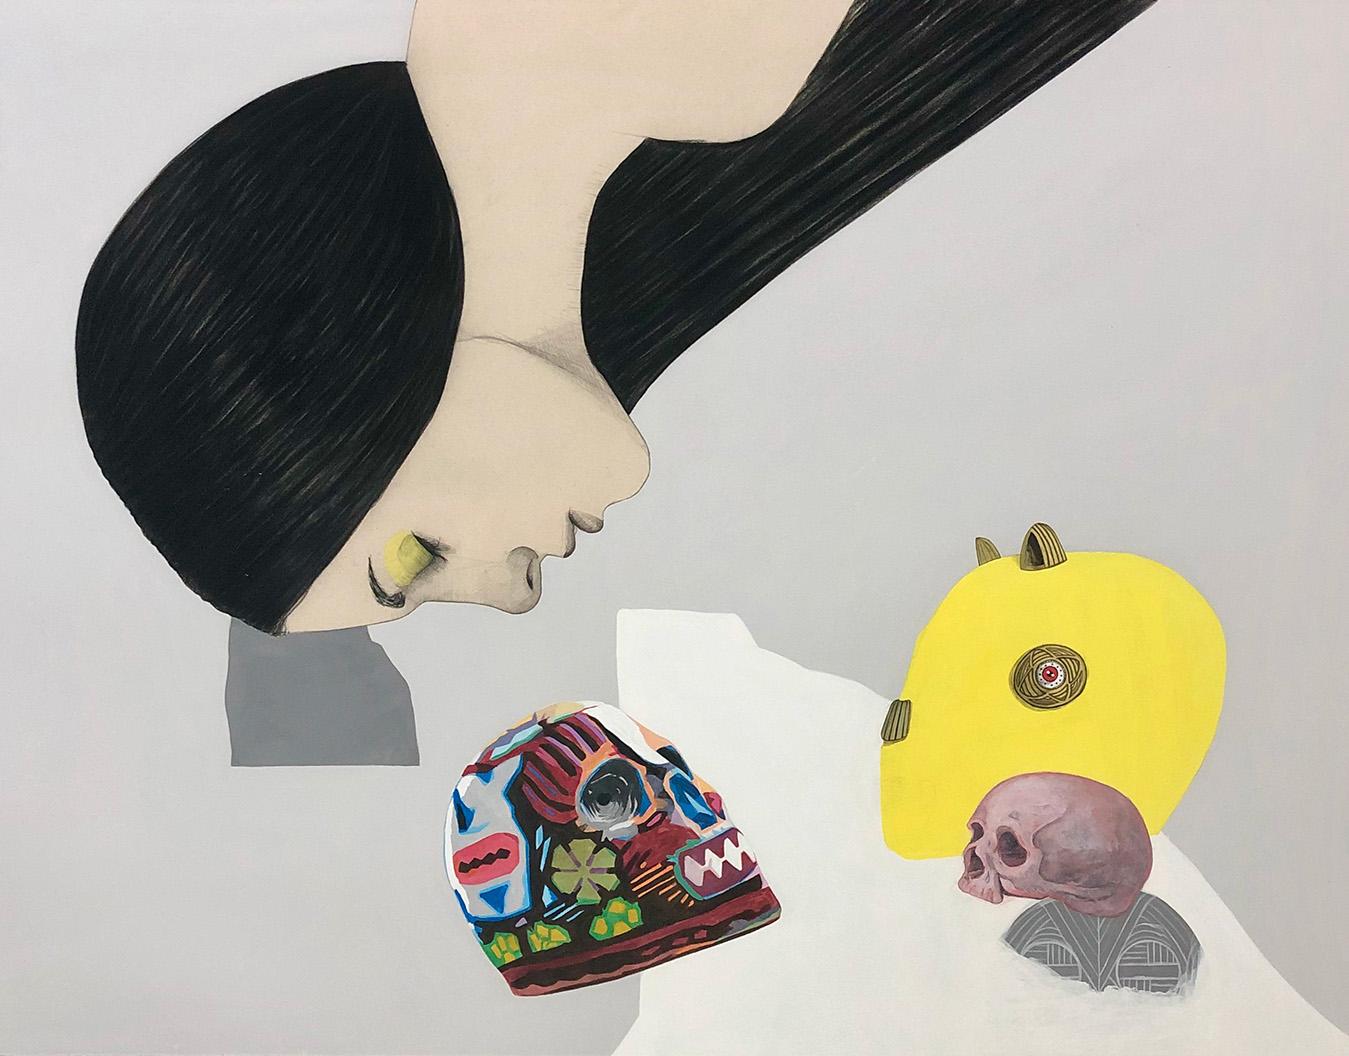 Mateo Andrea, Mascaras, mixed media on canvas, 114 x 146 cm, 2020